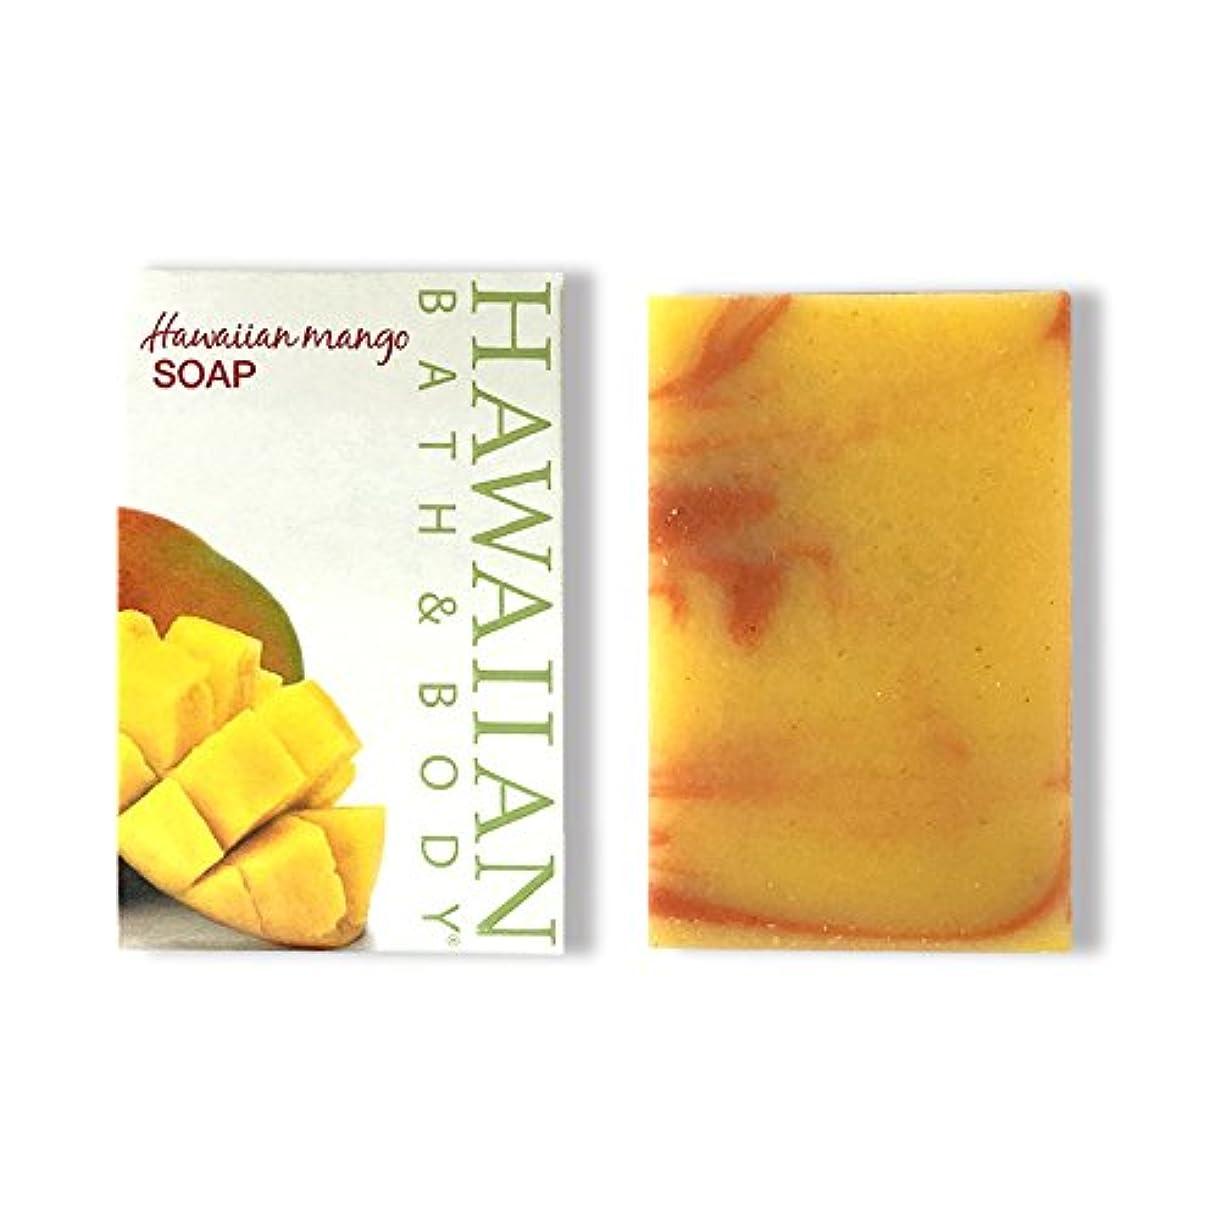 ハワイアンバス&ボディ ハワイアンマンゴーソープ ( Hawaiian Mango Soap )